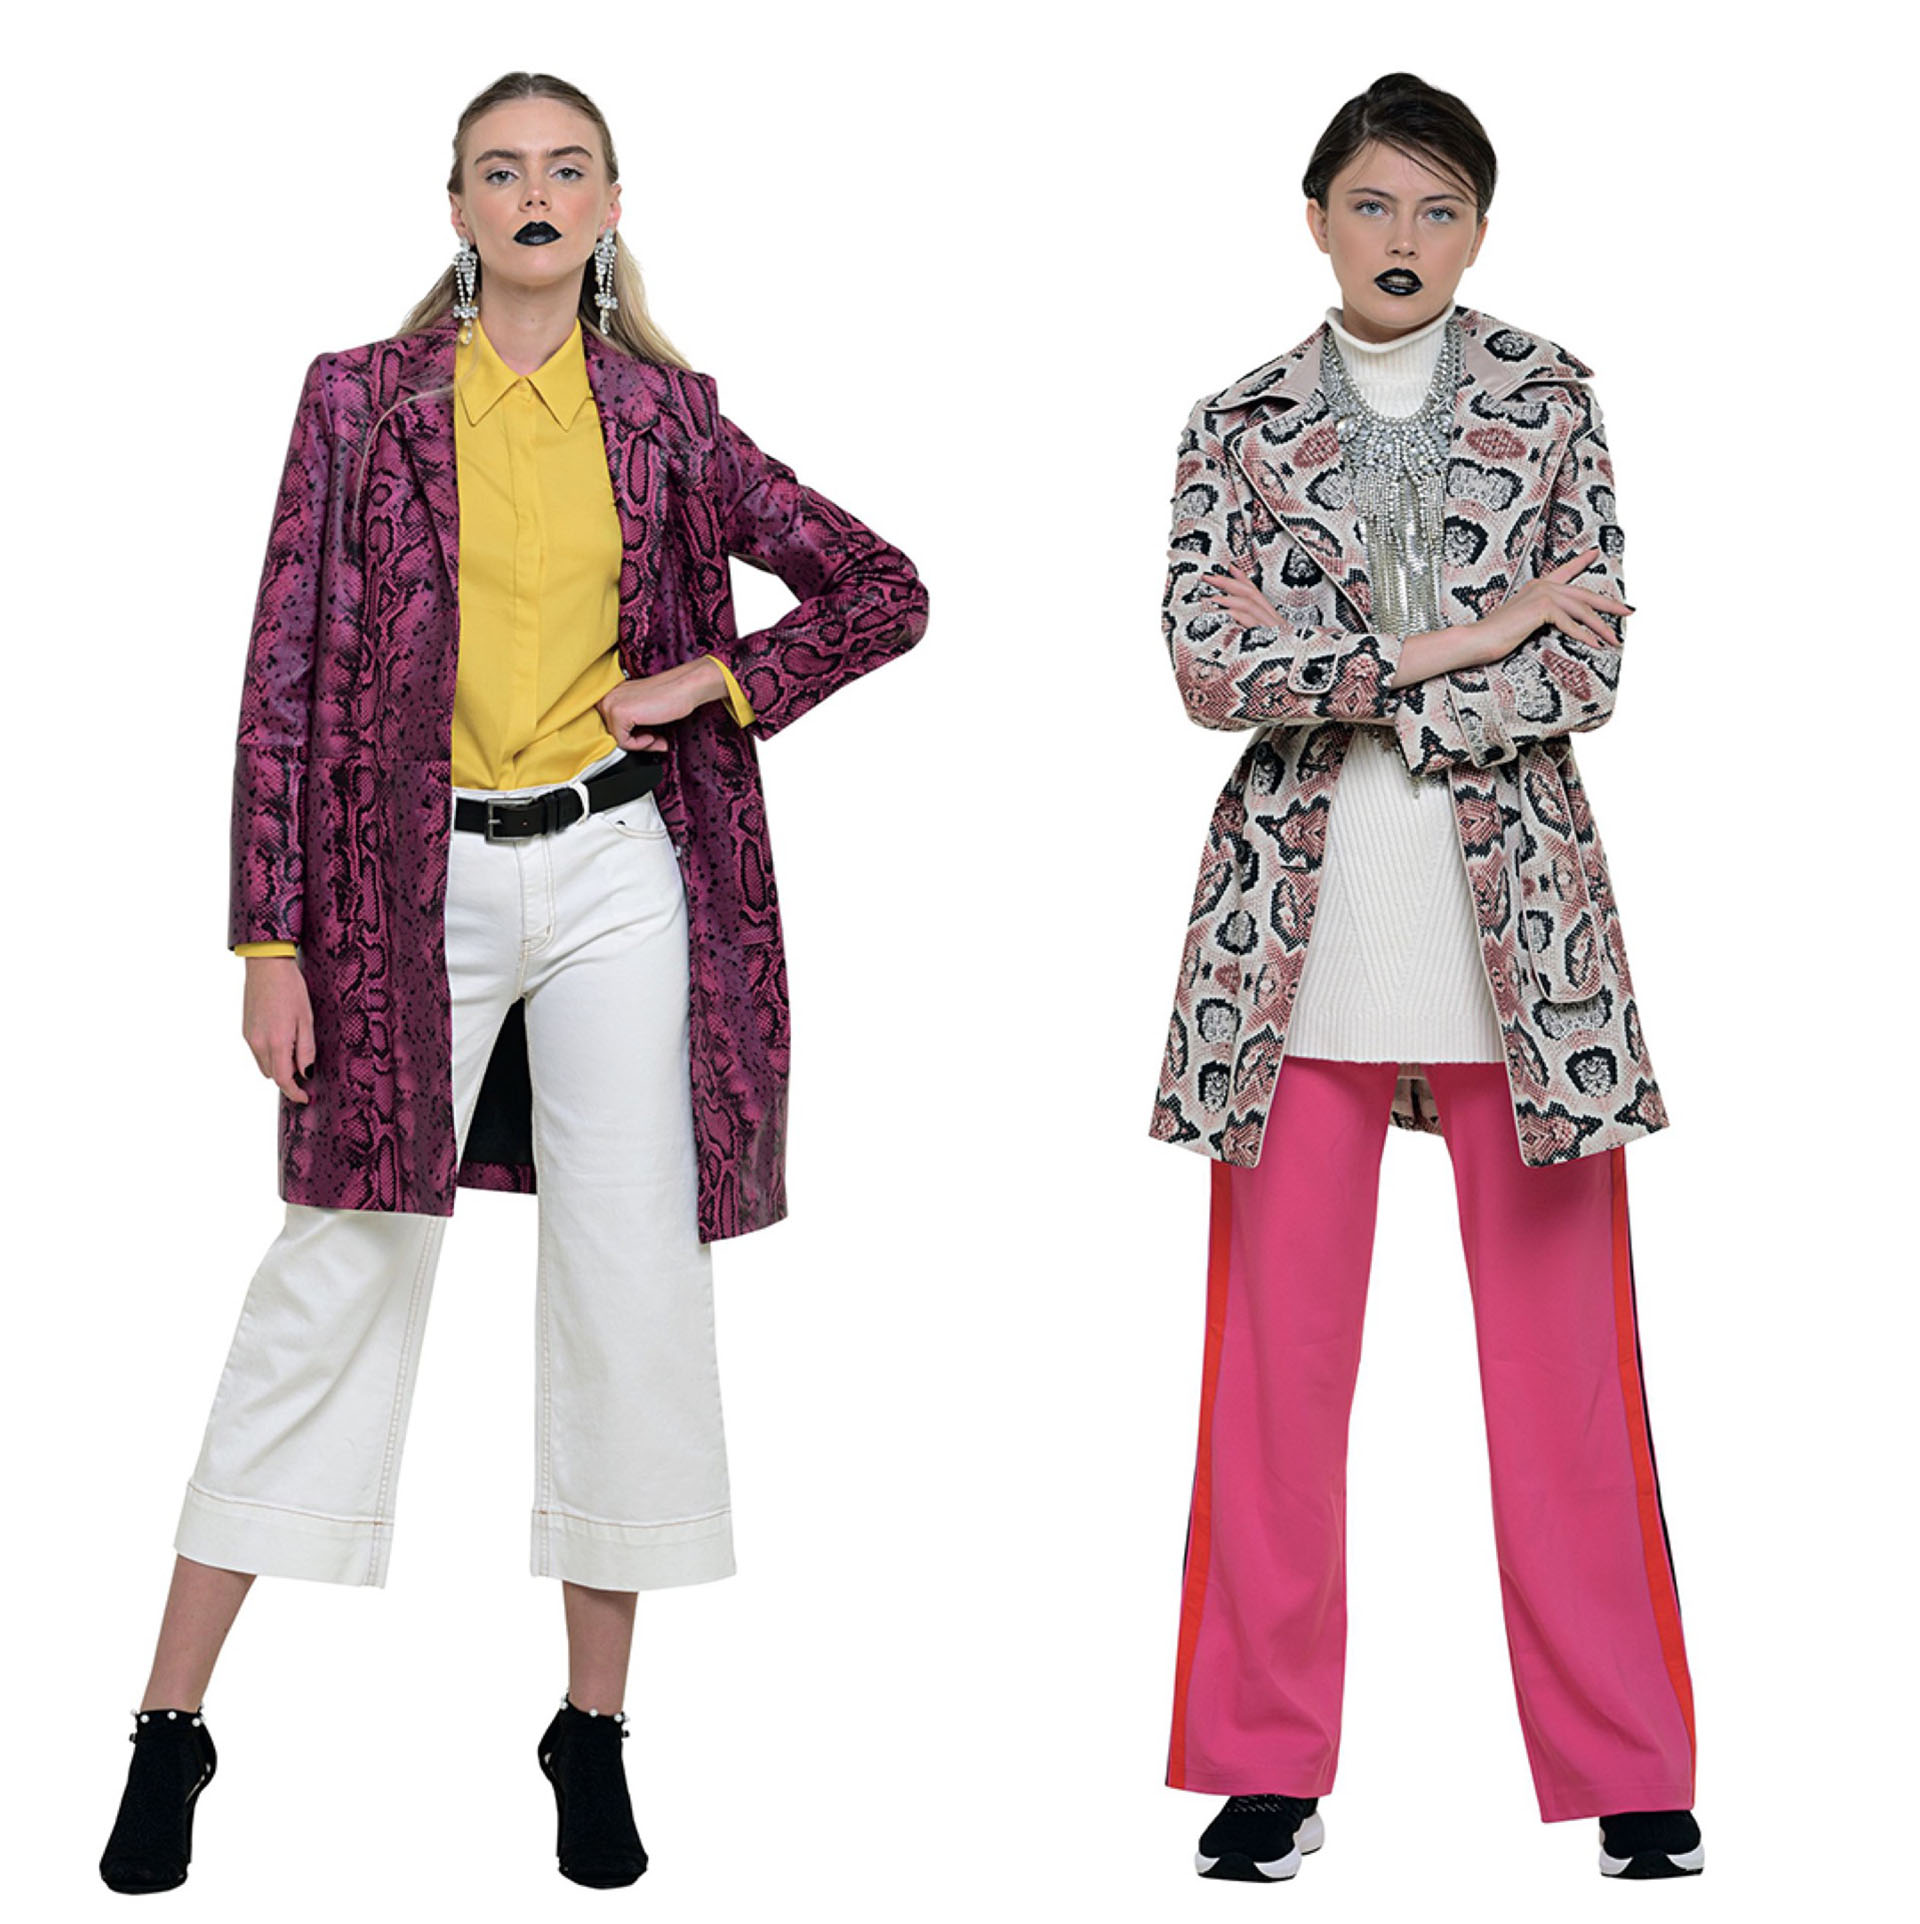 #PARA TI - ITEMS - pantalon ancho - moda - AC02